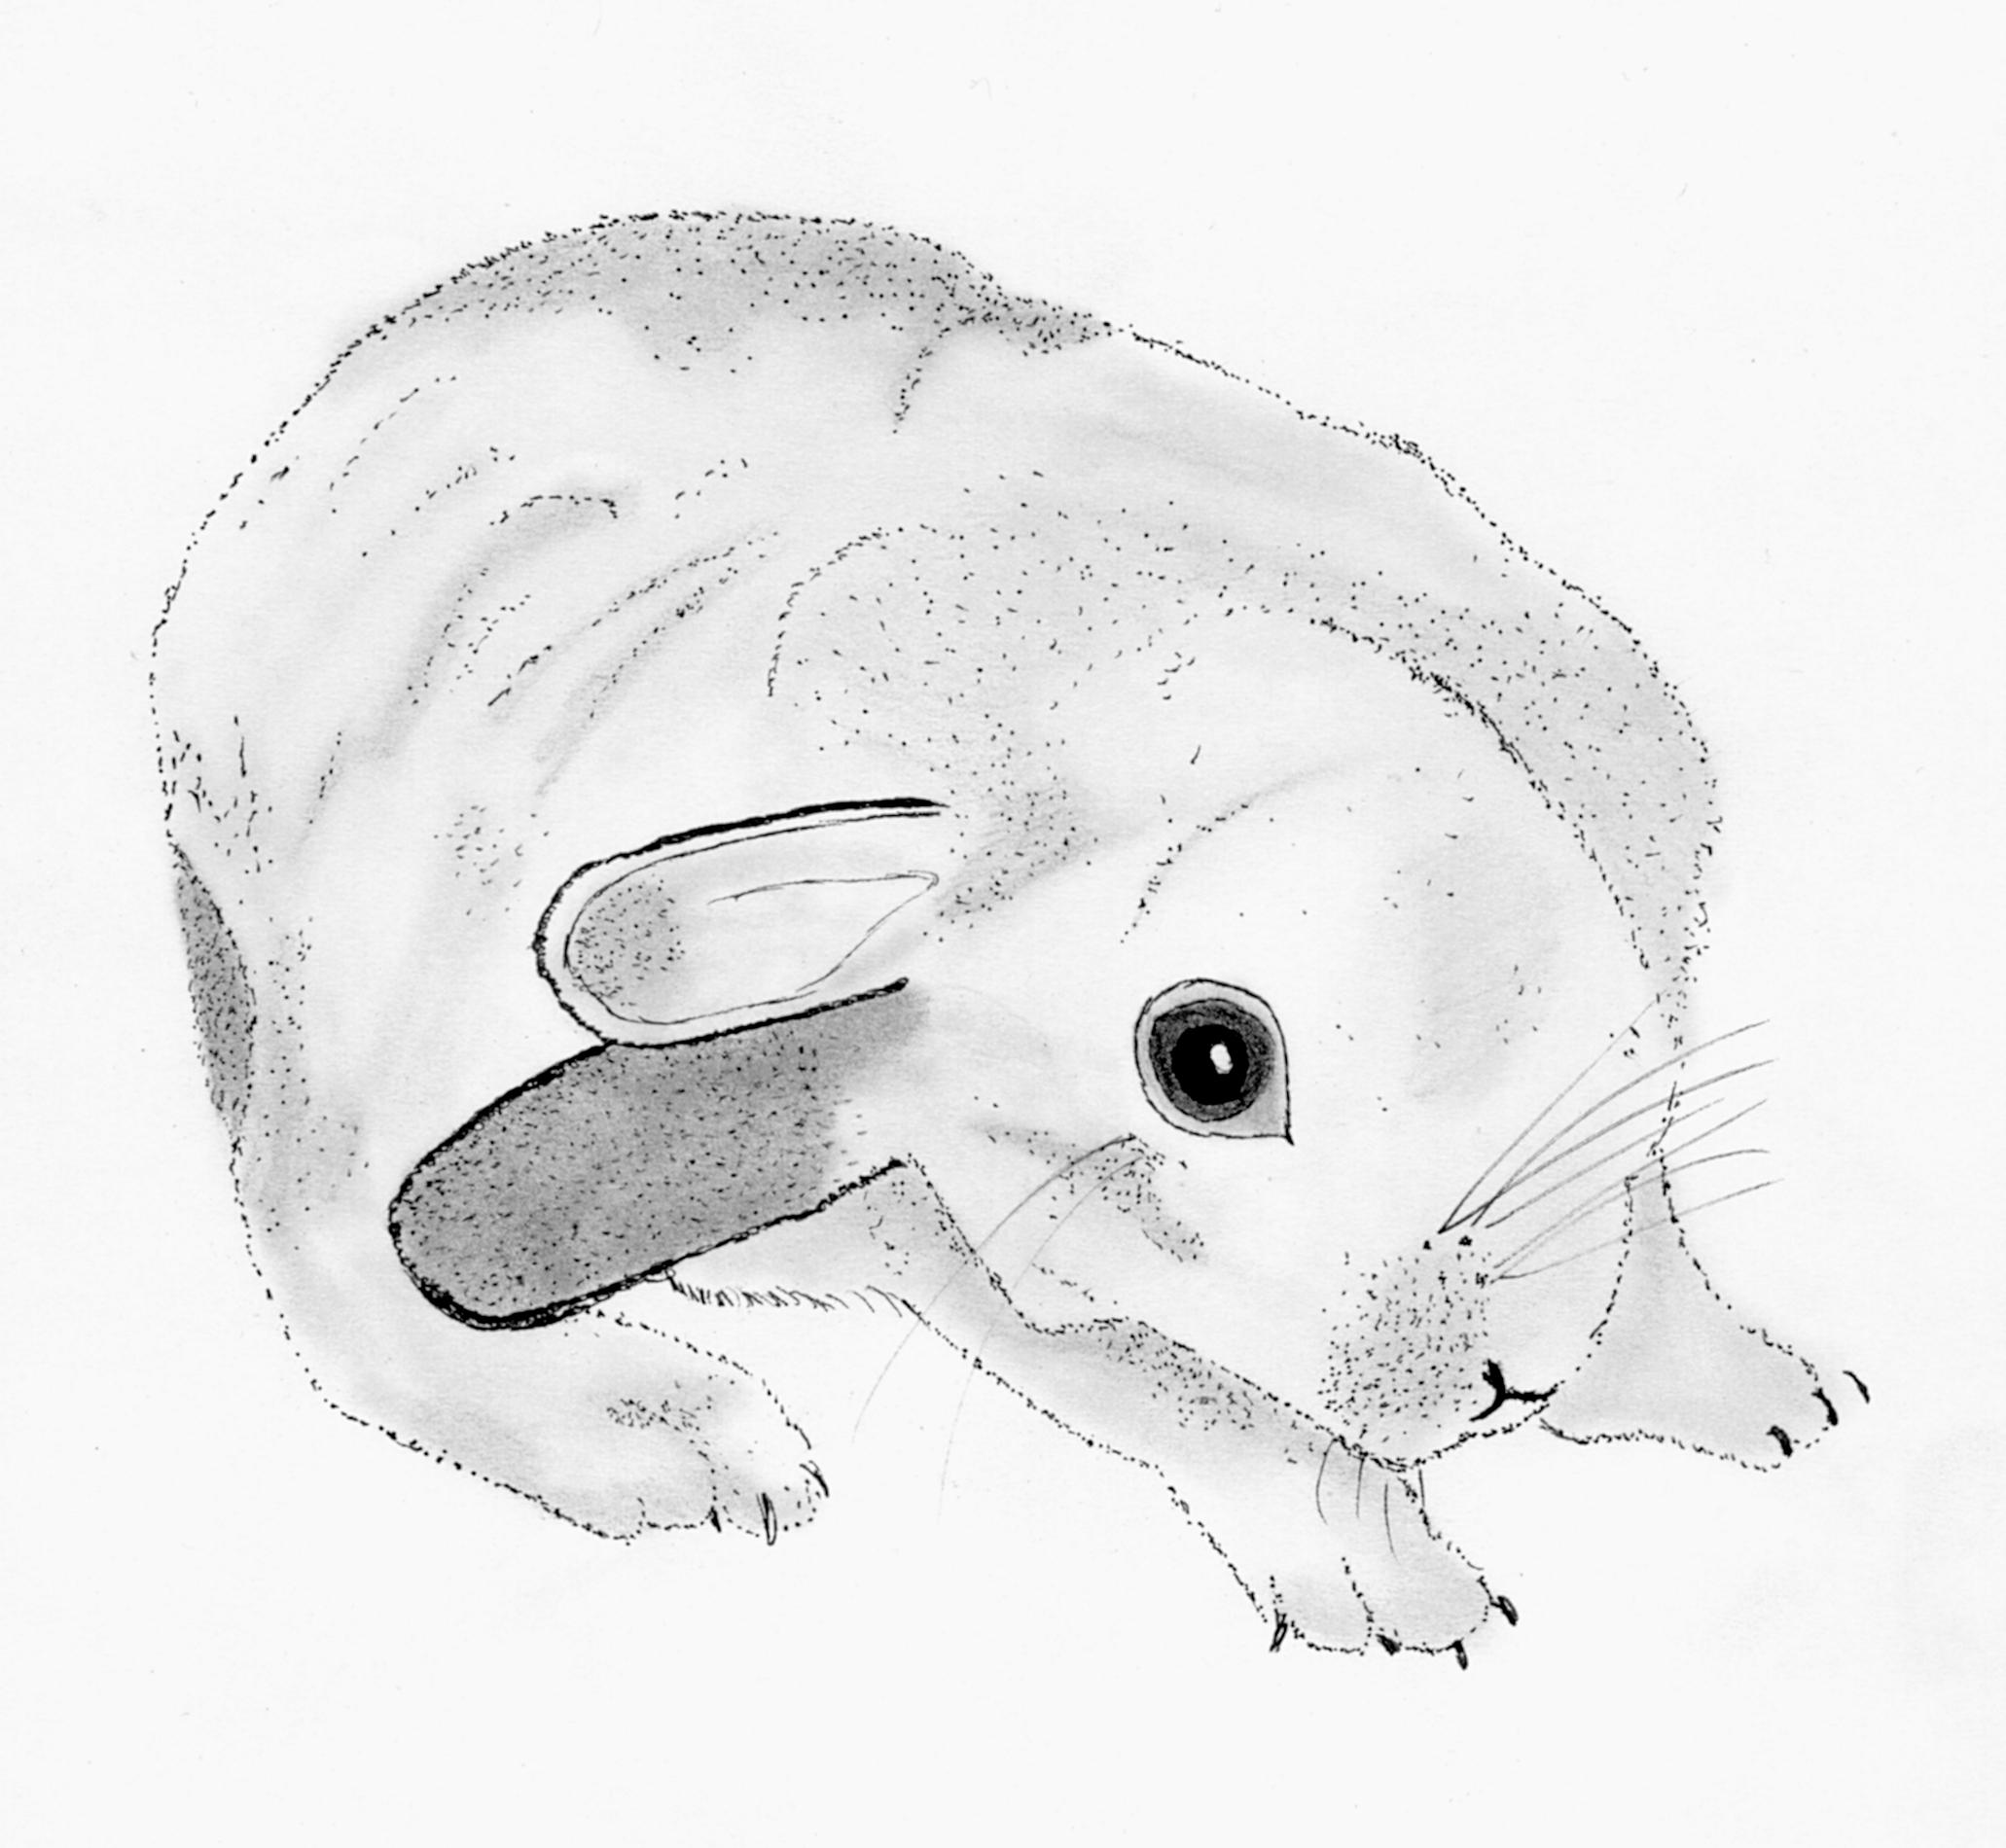 medirabbit